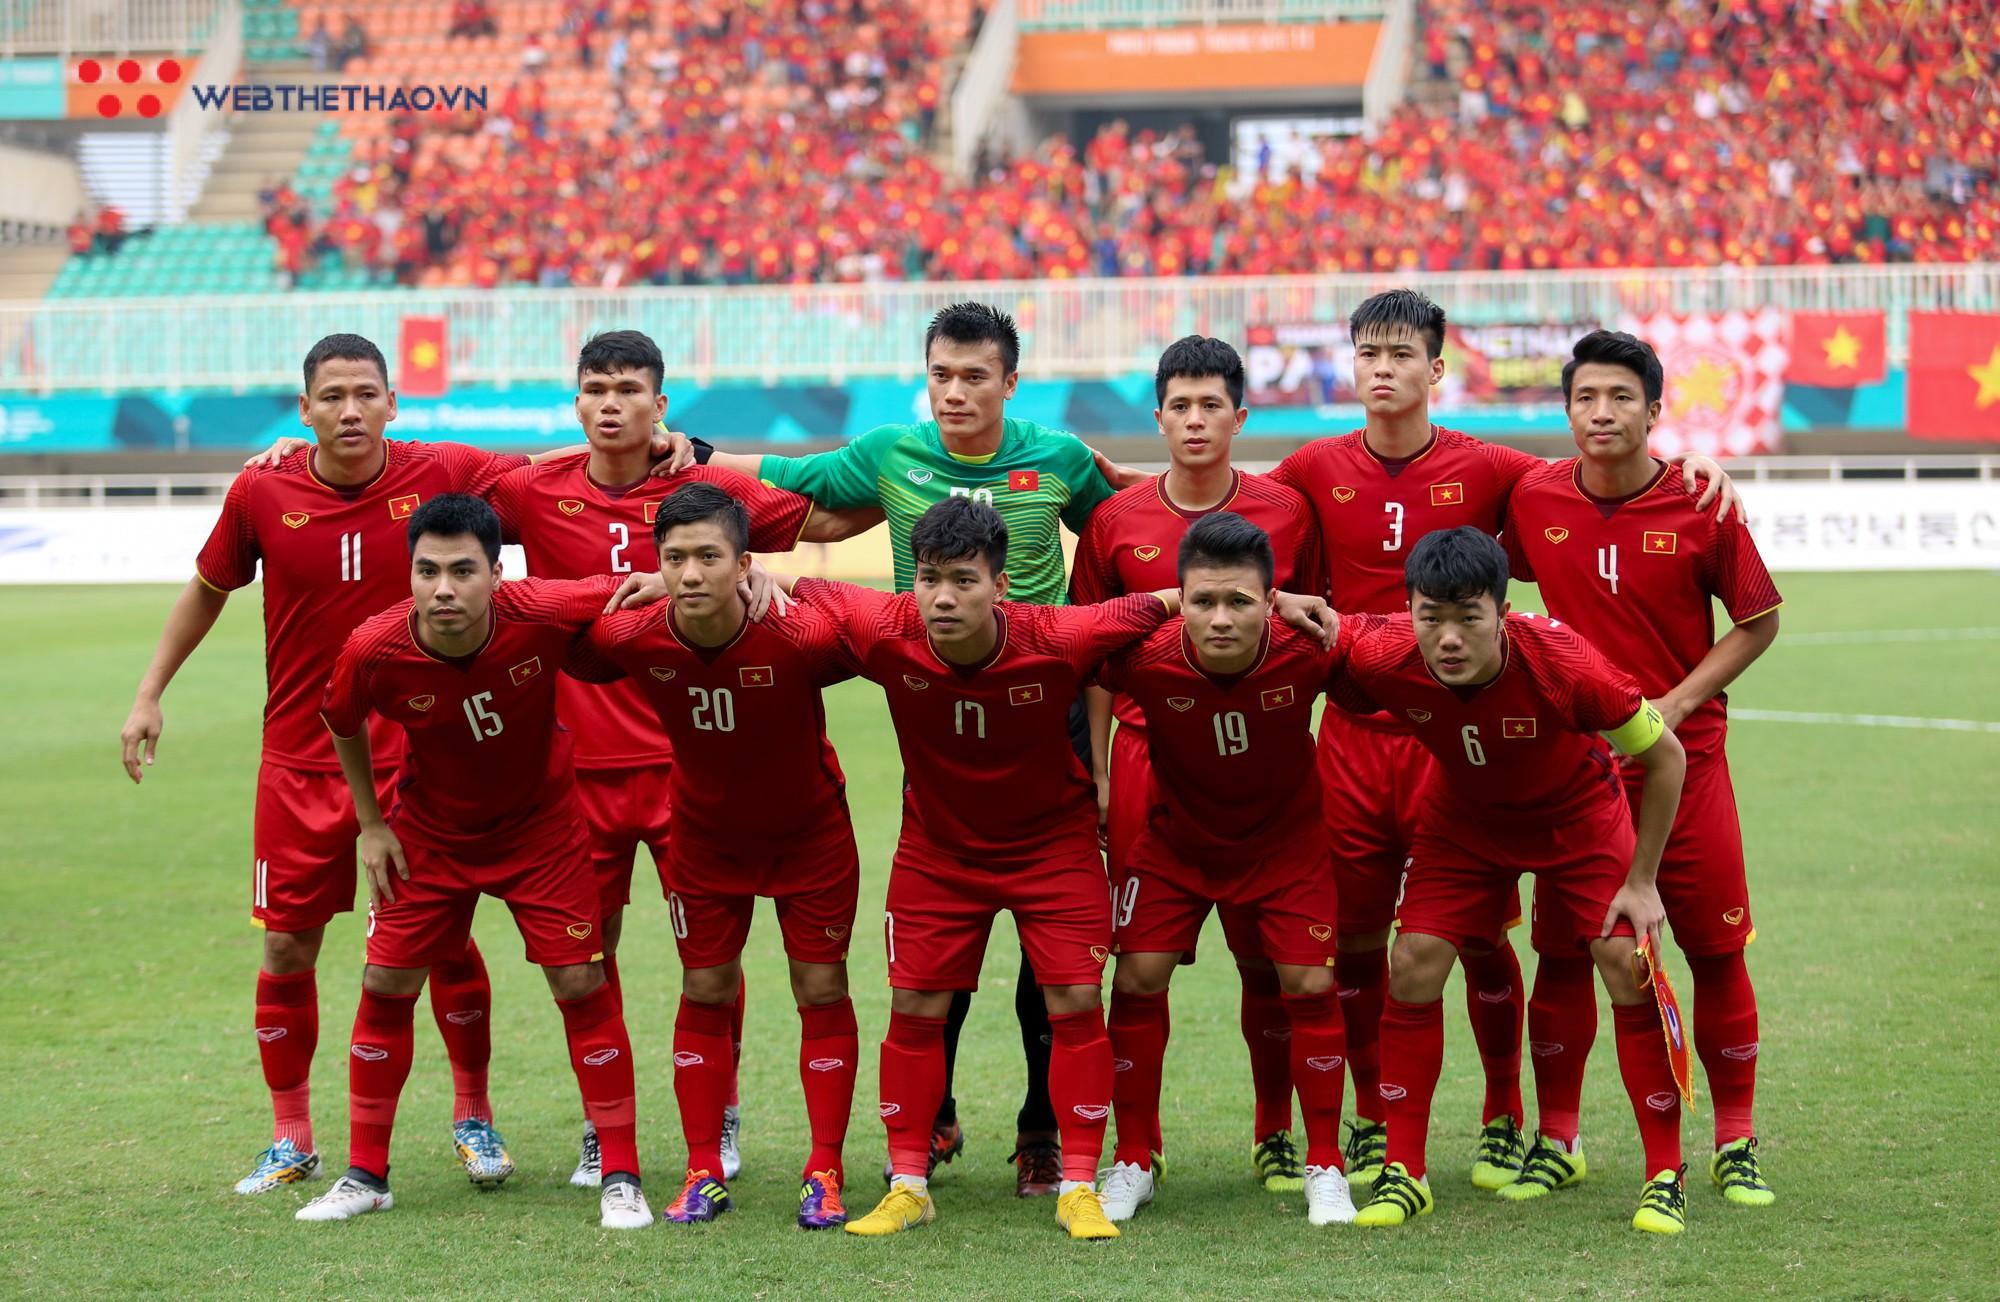 Lứa Duy Mạnh, Văn Toàn, Văn Đức có thể không được dự SEA Games 2019 - Ảnh 1.